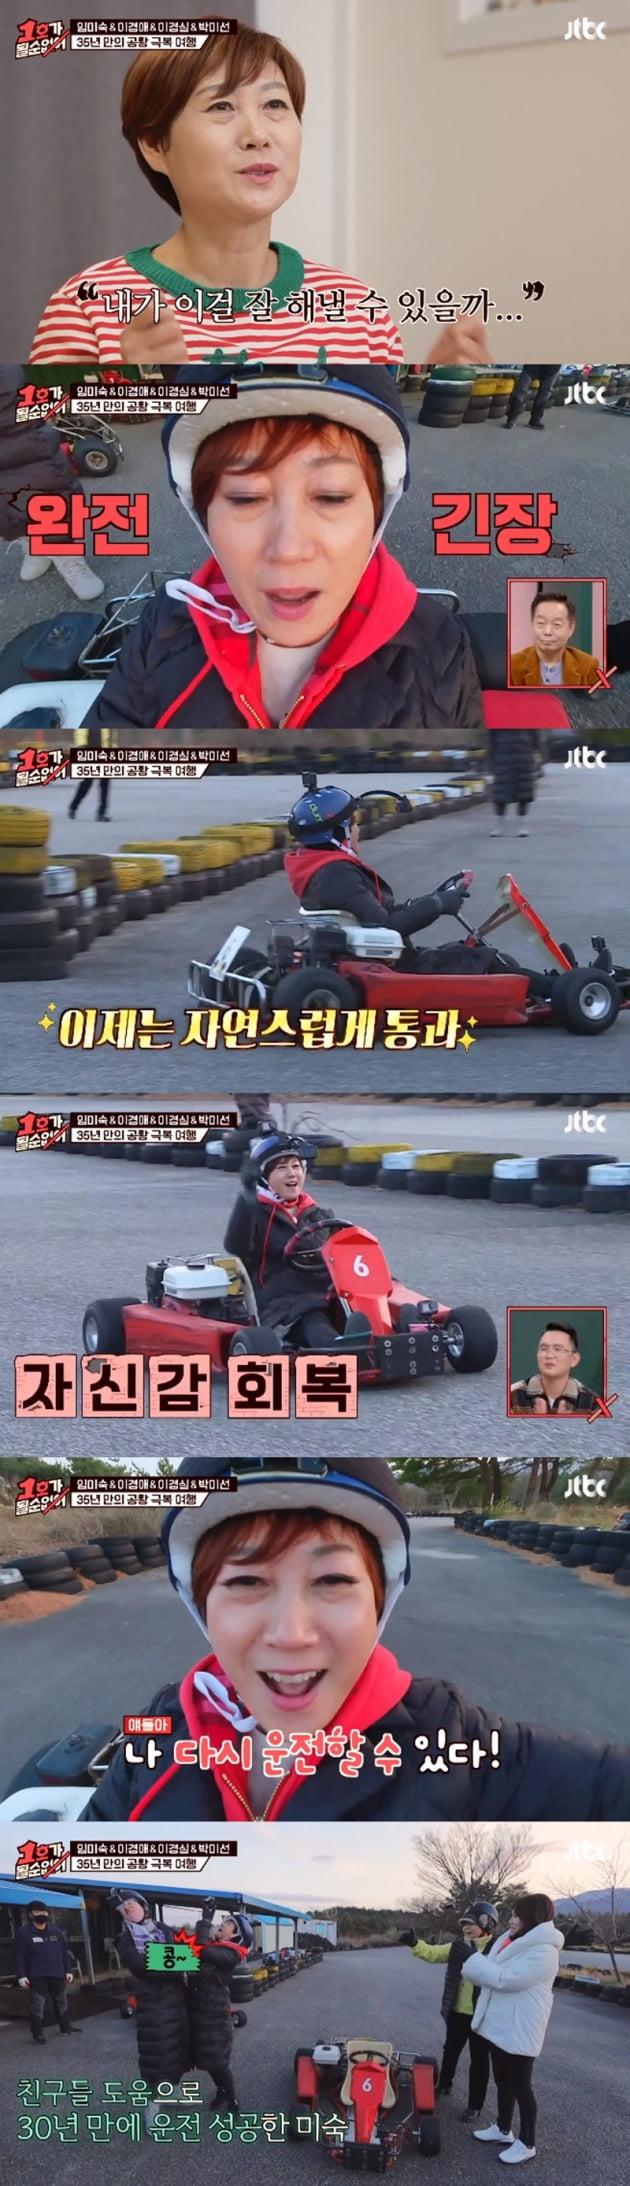 '1호가 될 순 없어' / 사진 = JTBC 영상 캡처